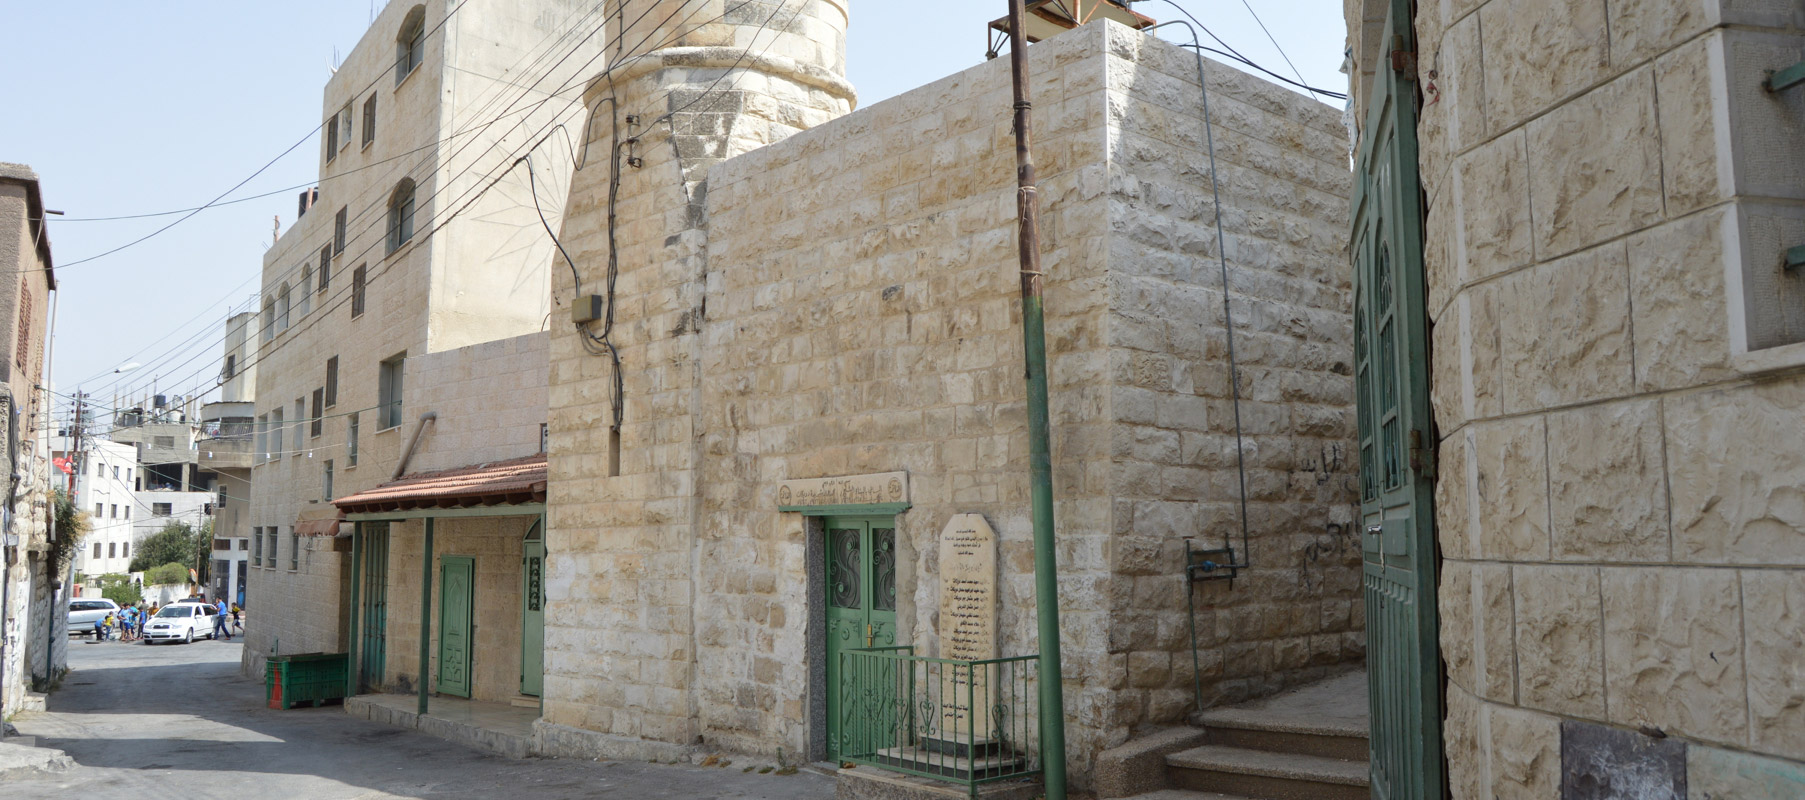 Balata, Palestine